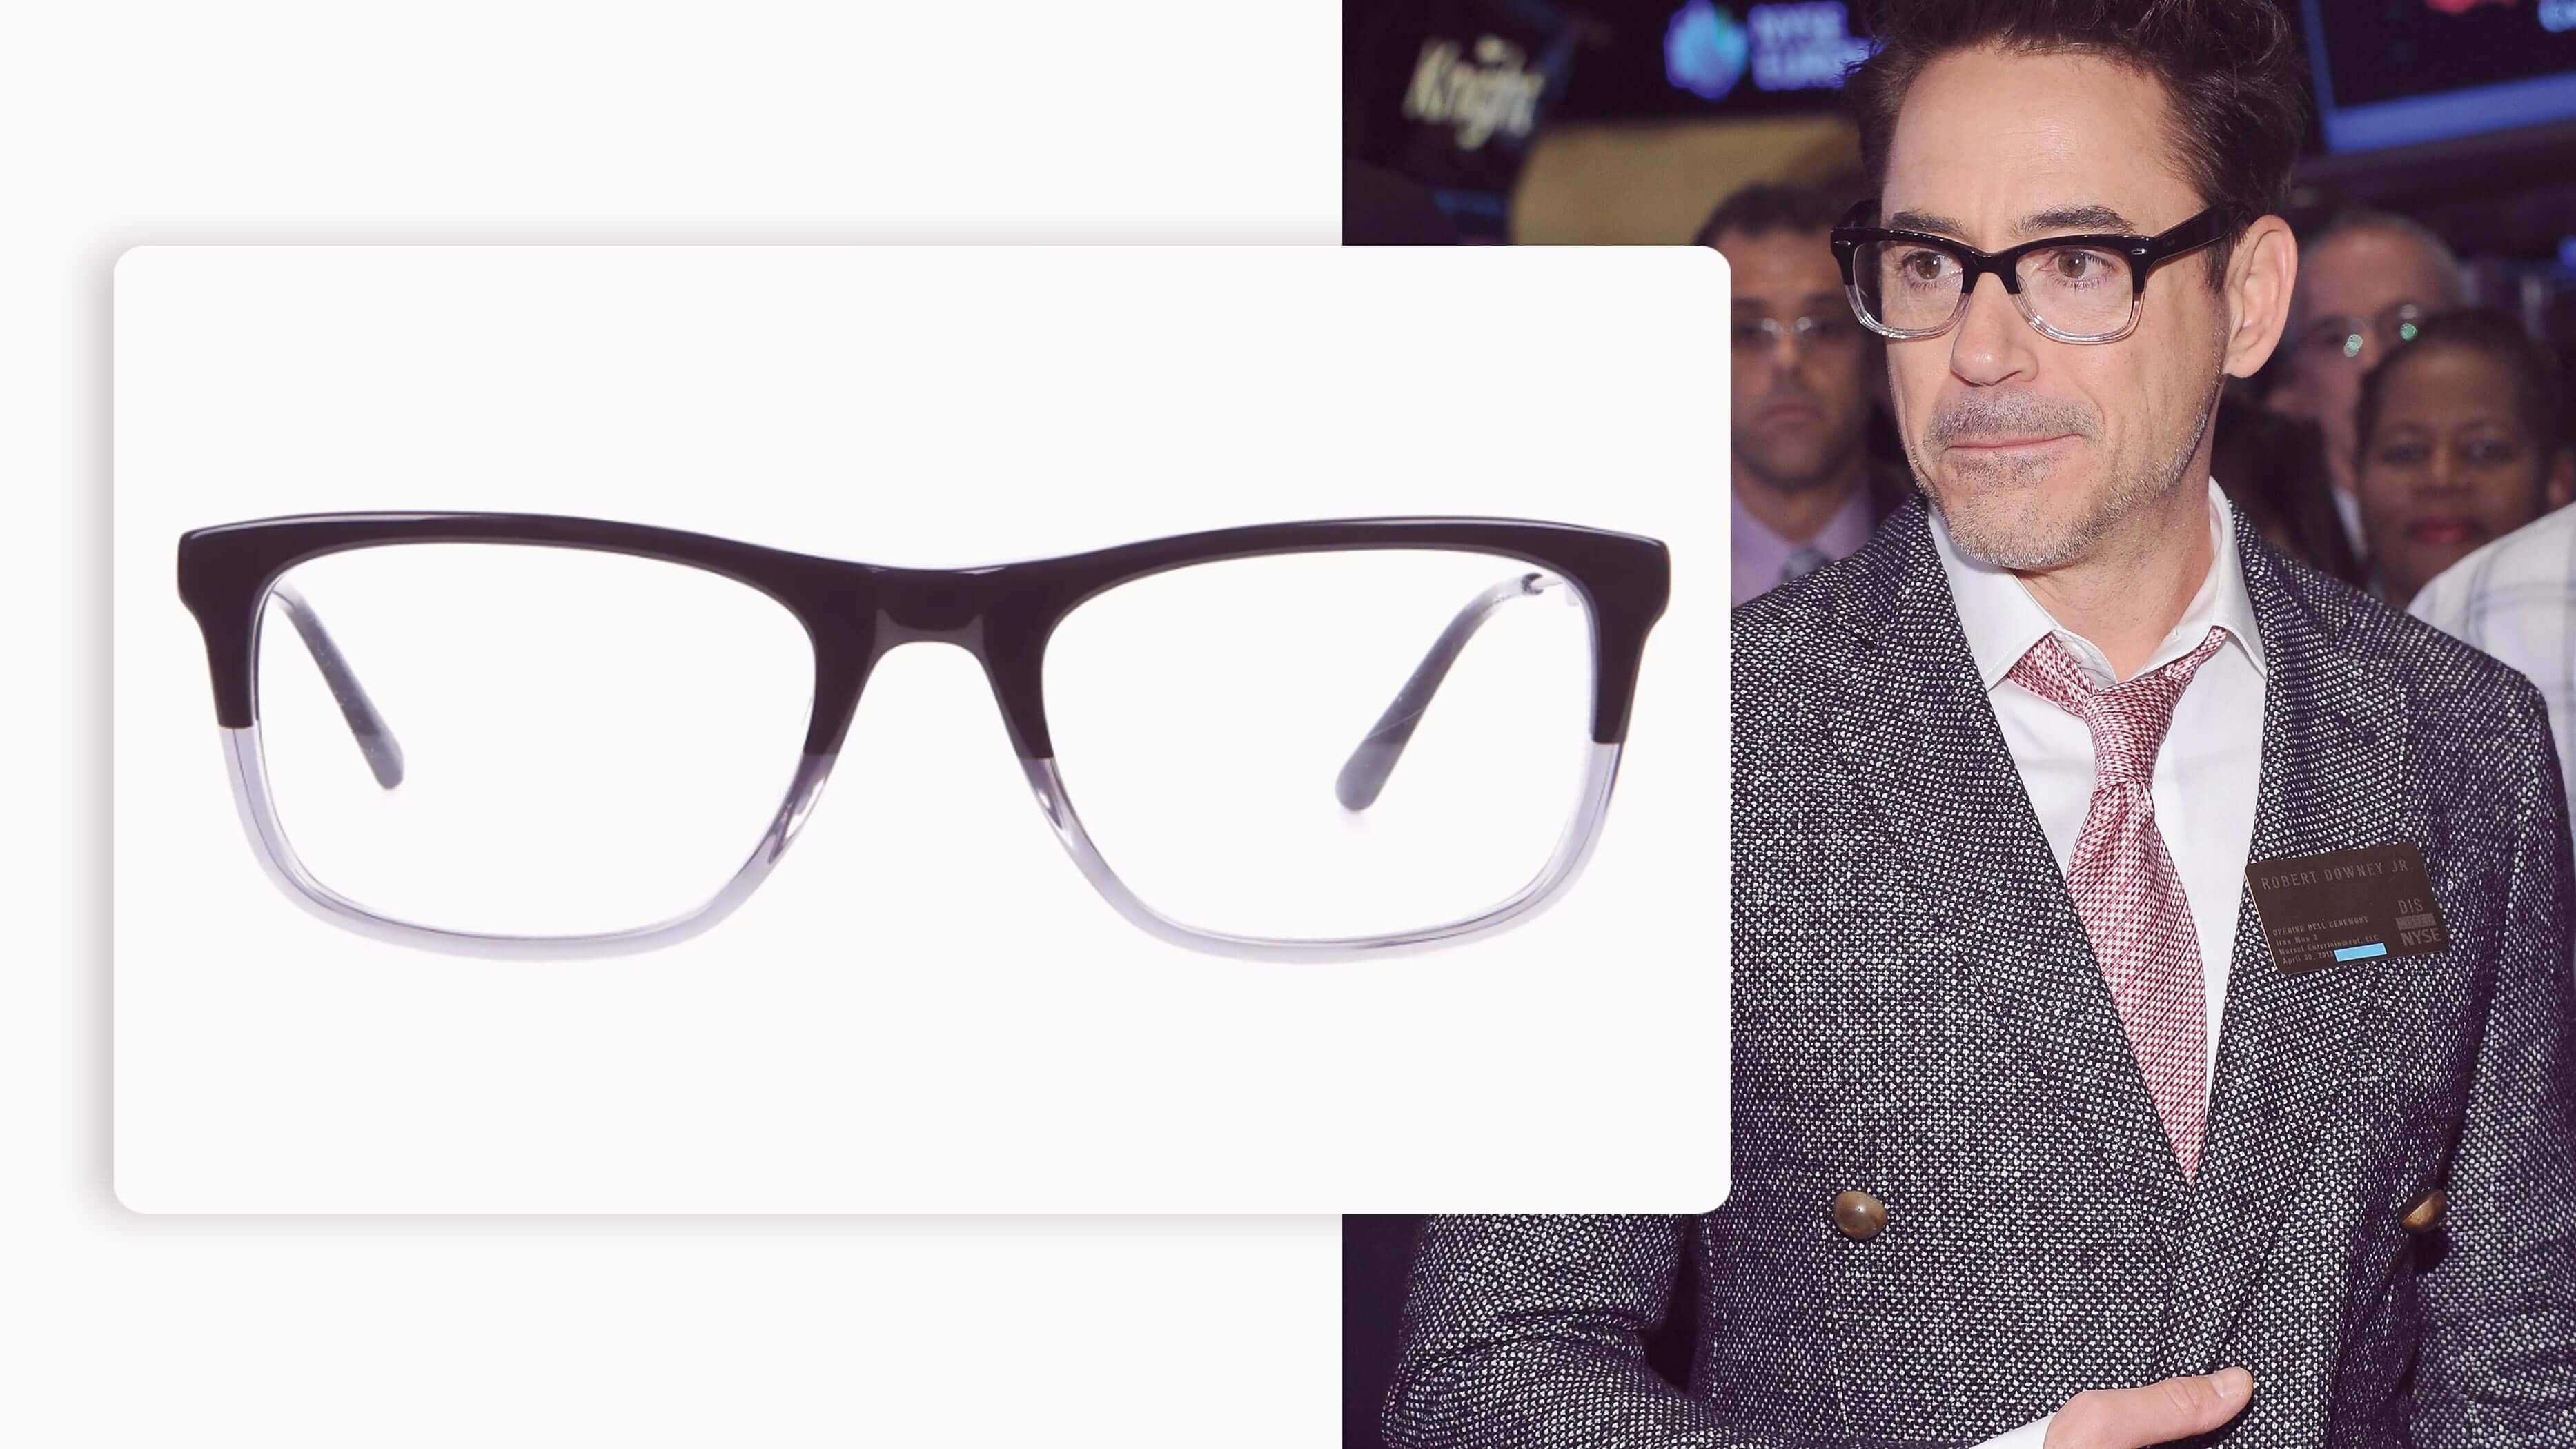 dual tone pair of glasses